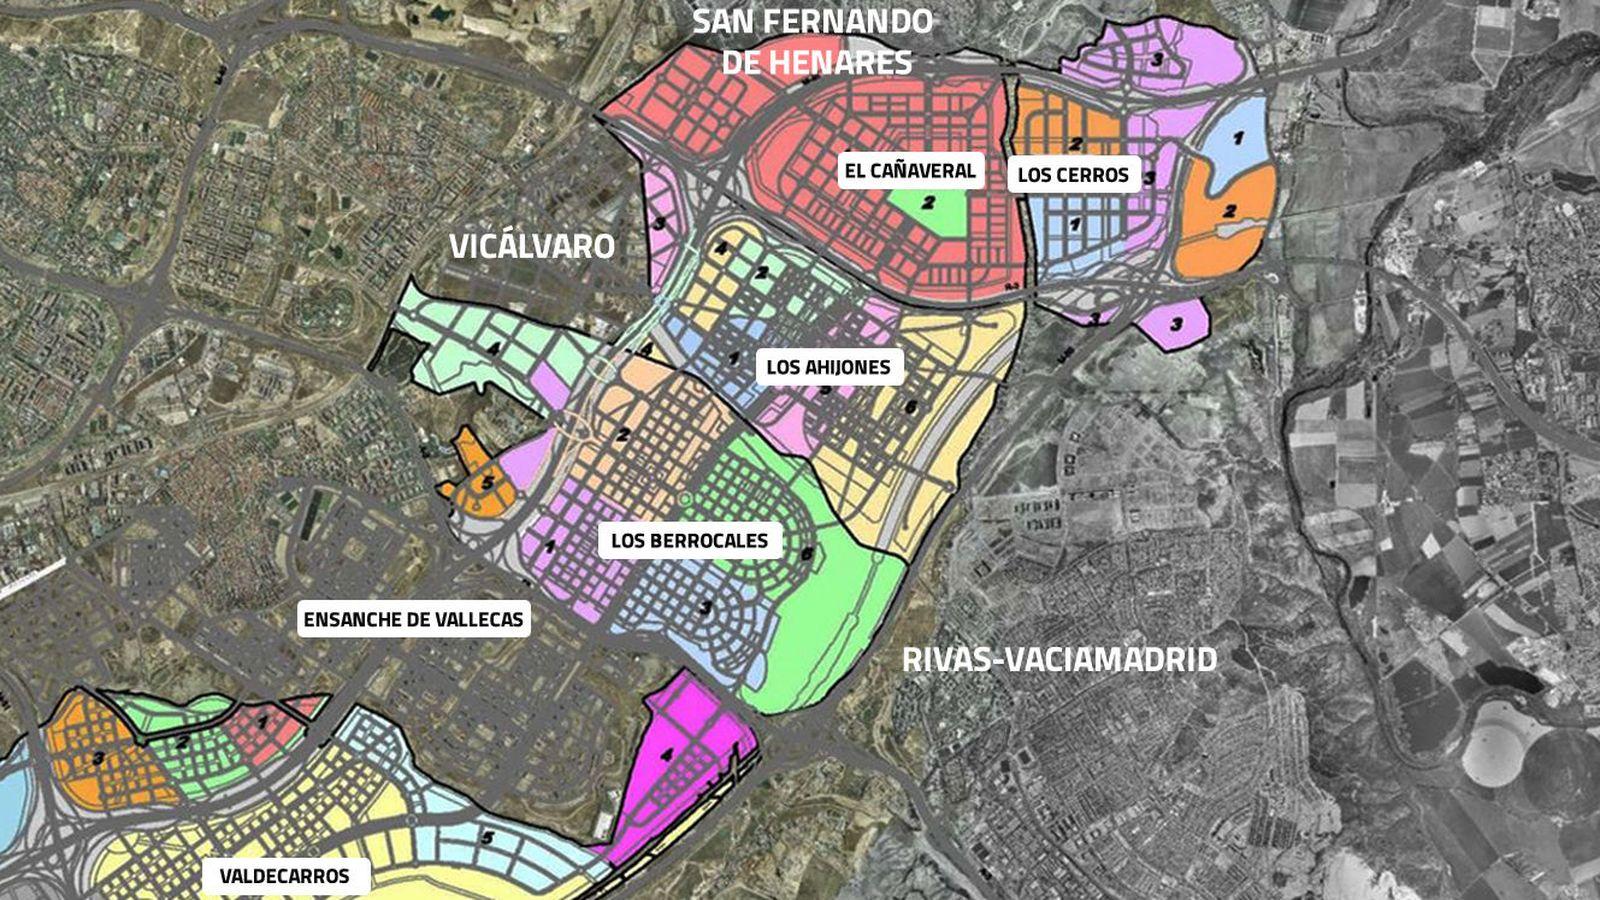 Vivienda El Madrid Pobre Despierta Del Coma Inmobiliario Hay Vida